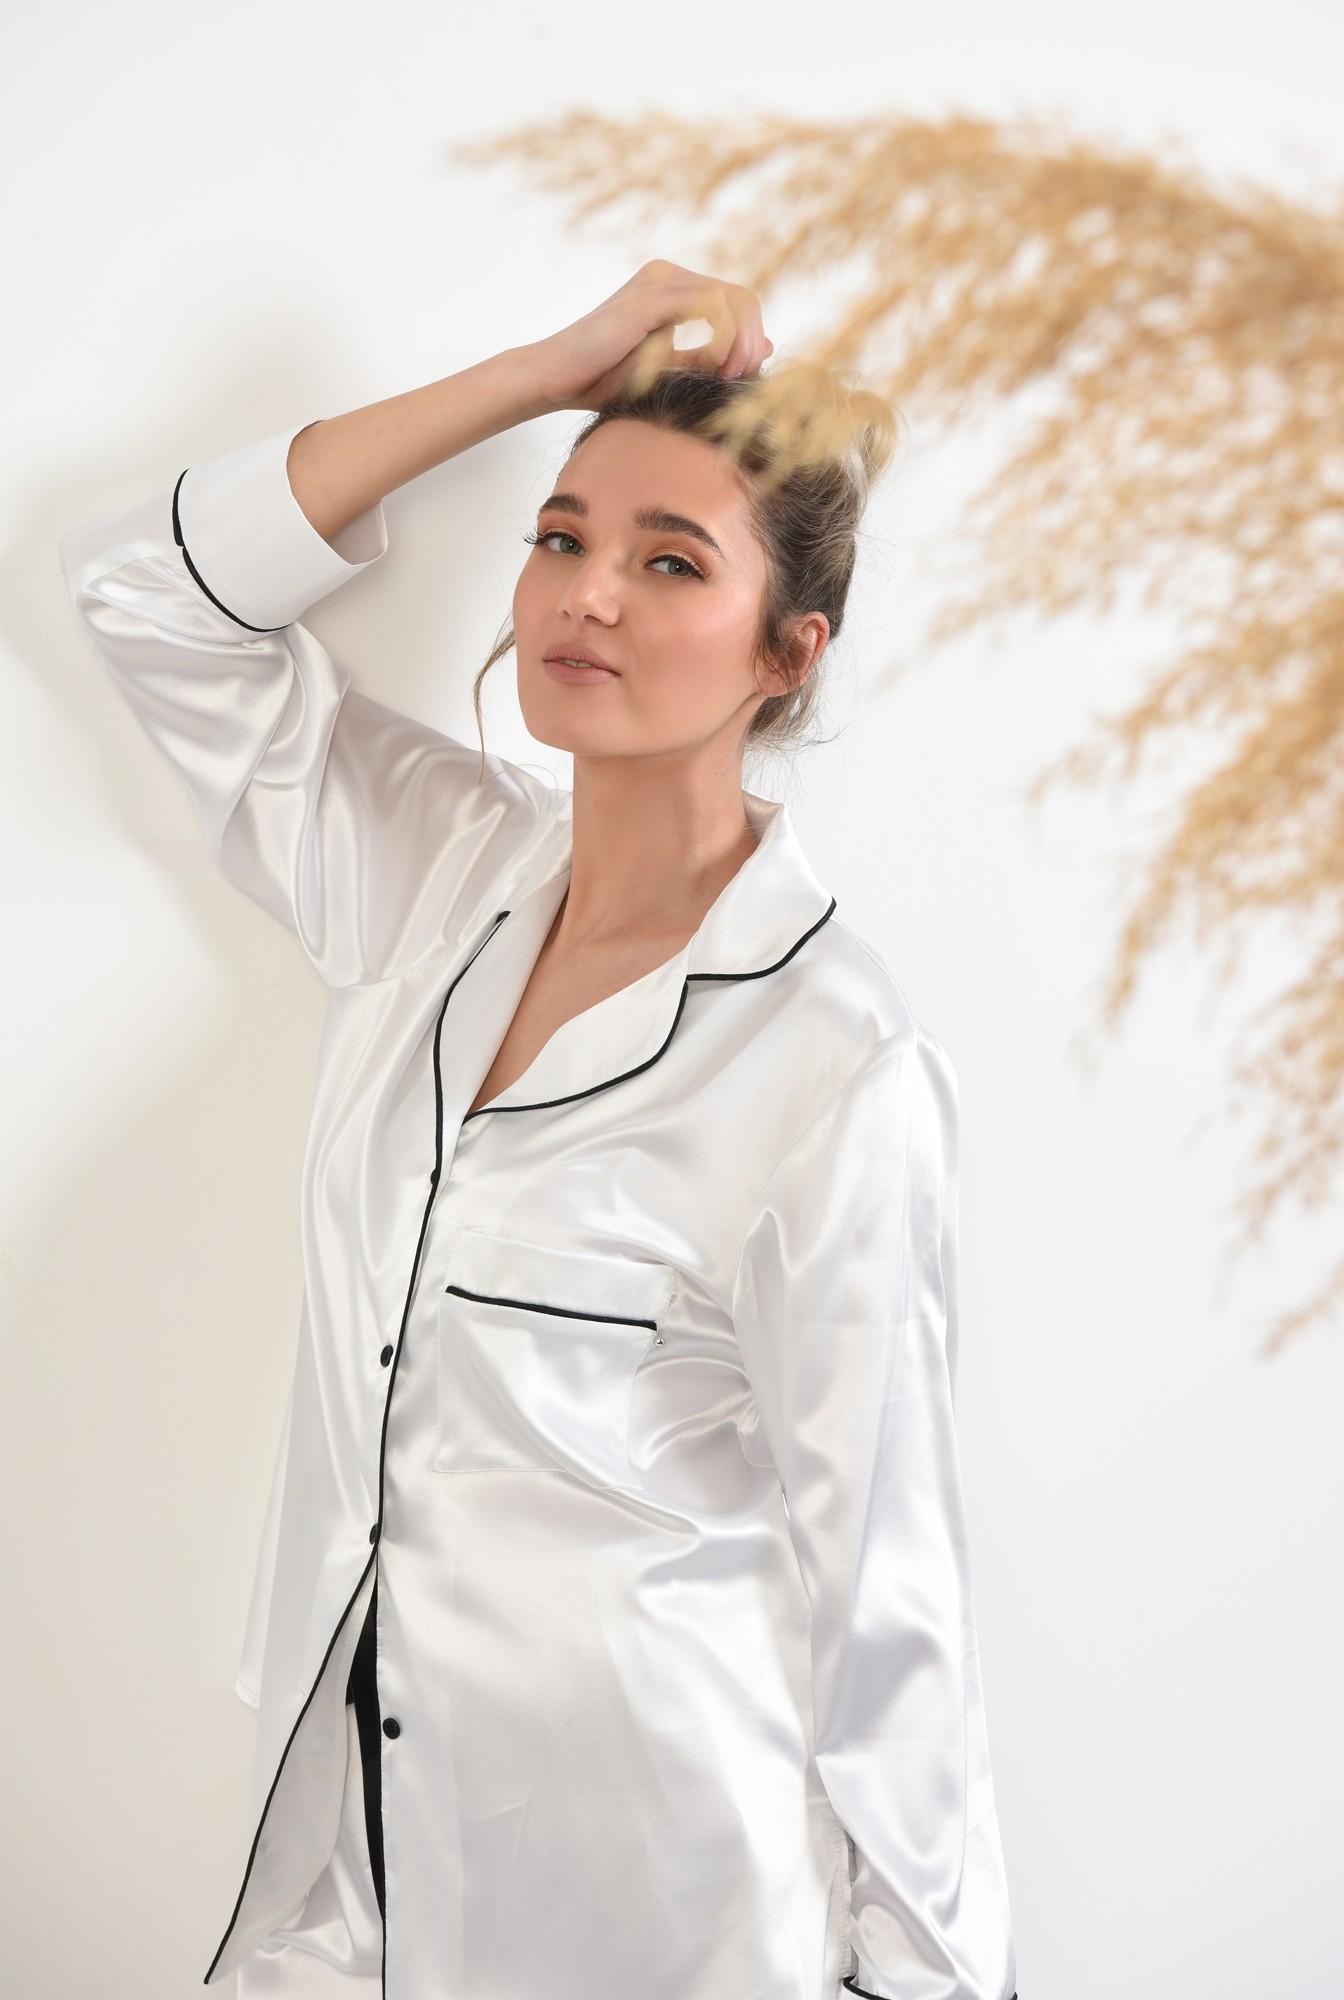 2 - camasa din satin, alb, cu nasturi, cu buzunar, cu borduri contrastante